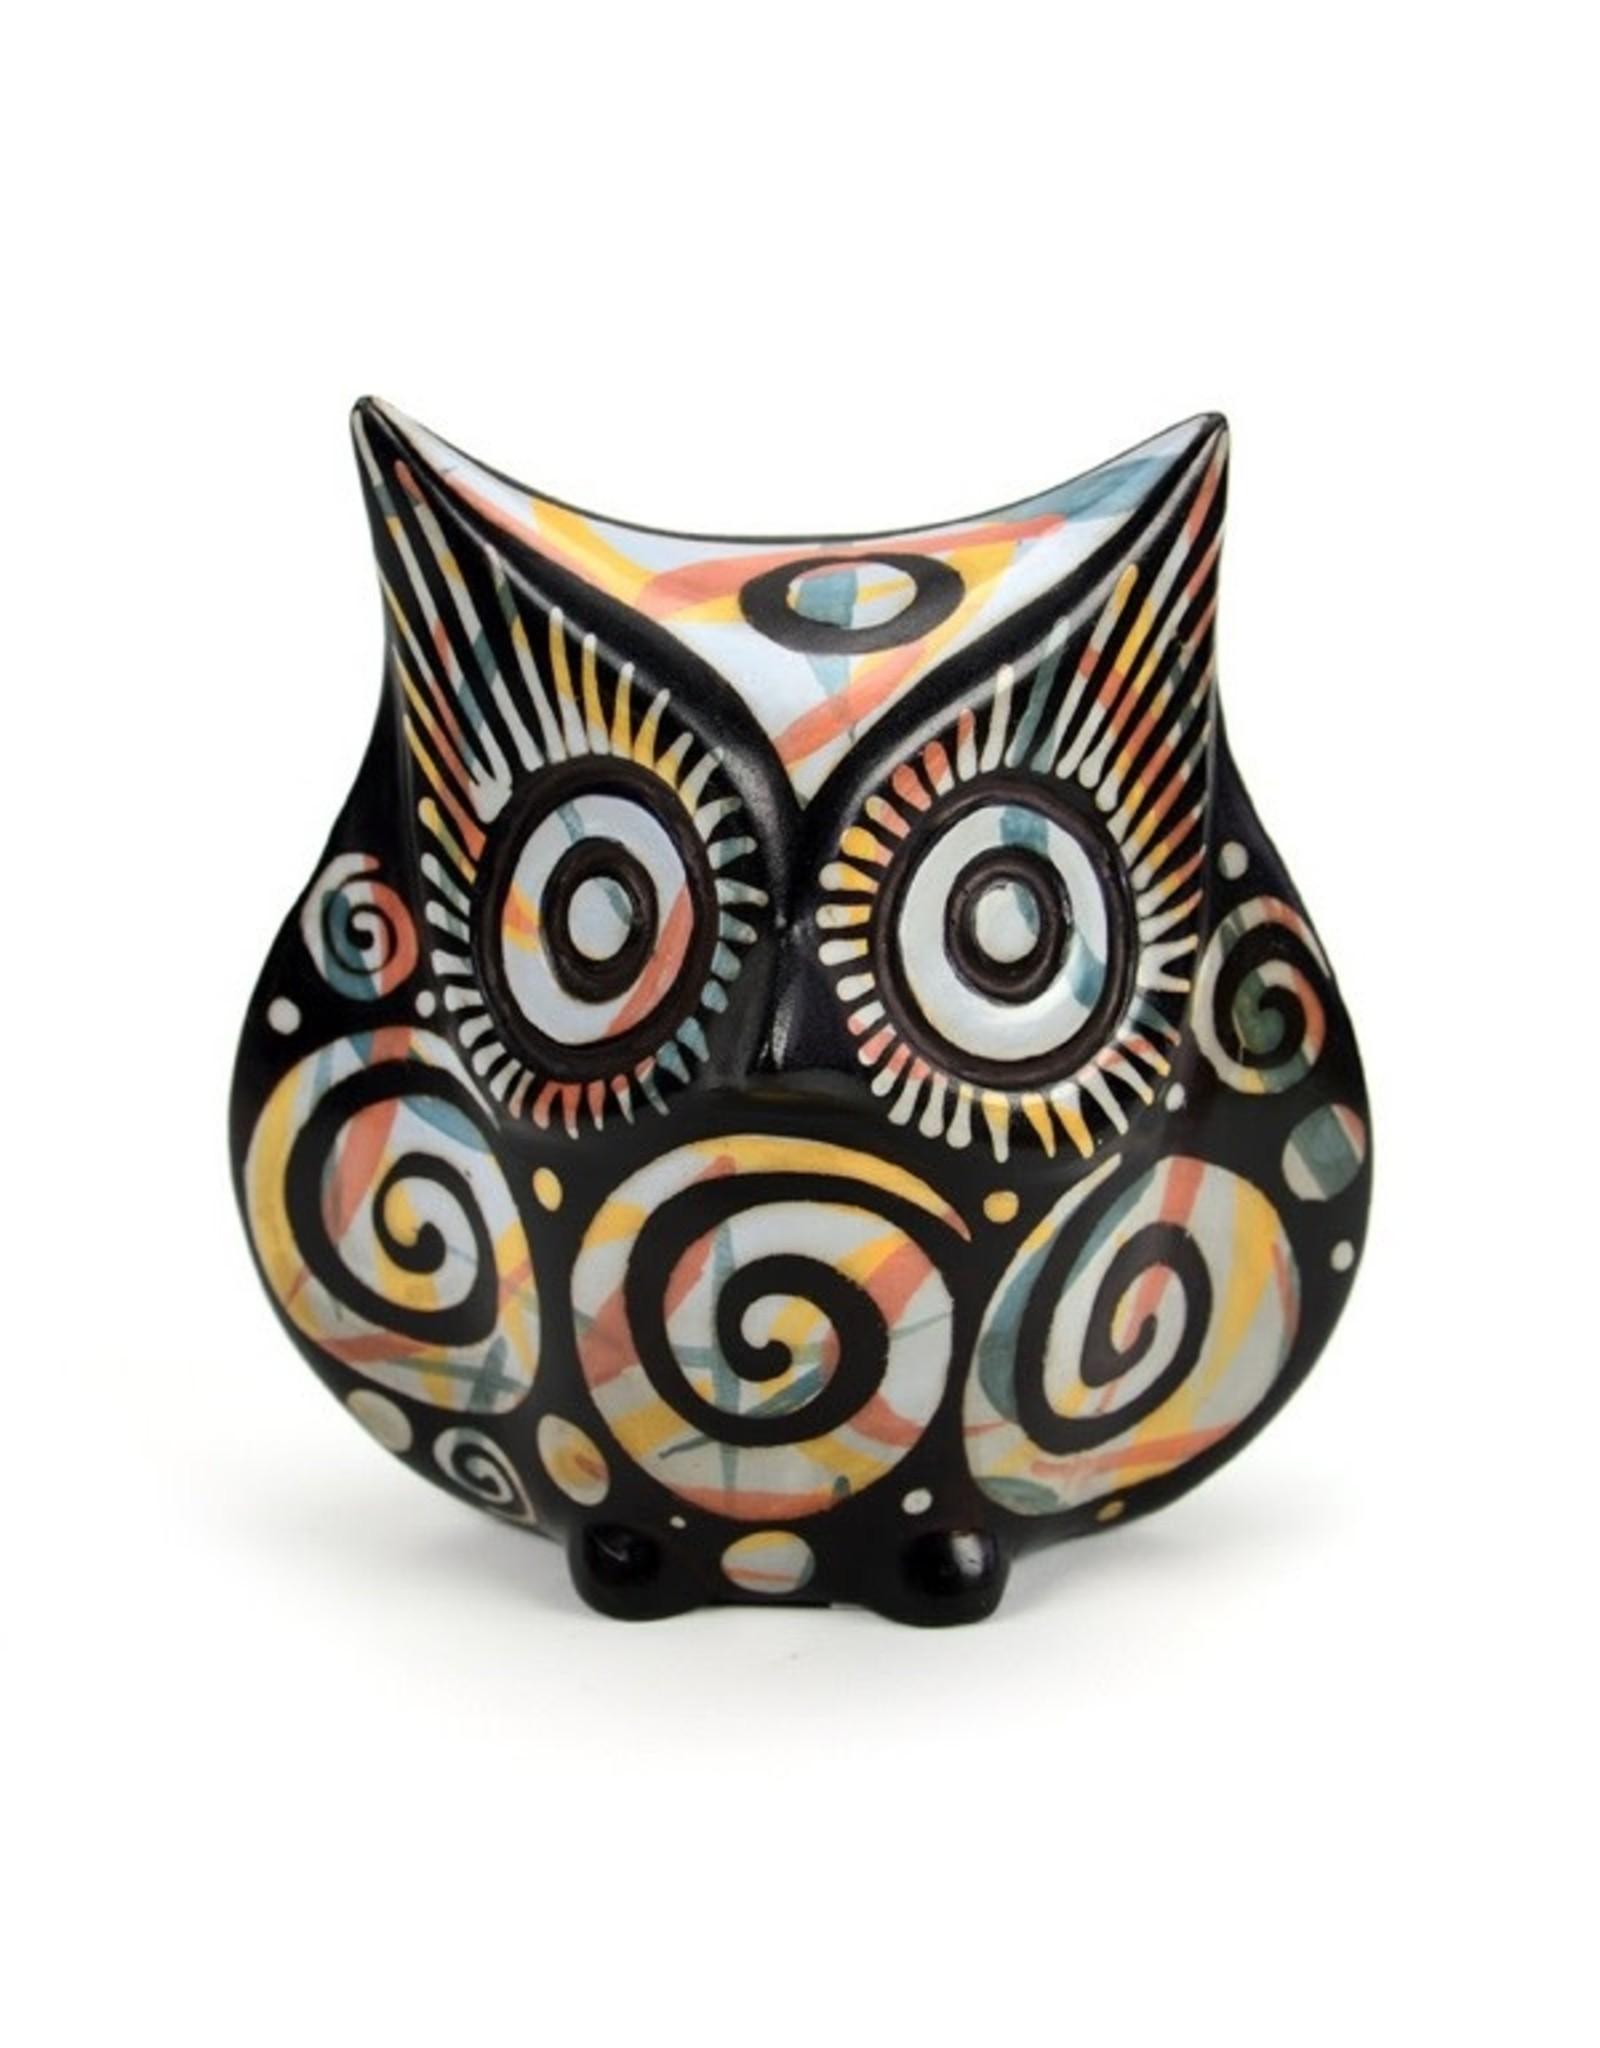 Minga Chulucanas Pottery Animal Sculpture, Peru.